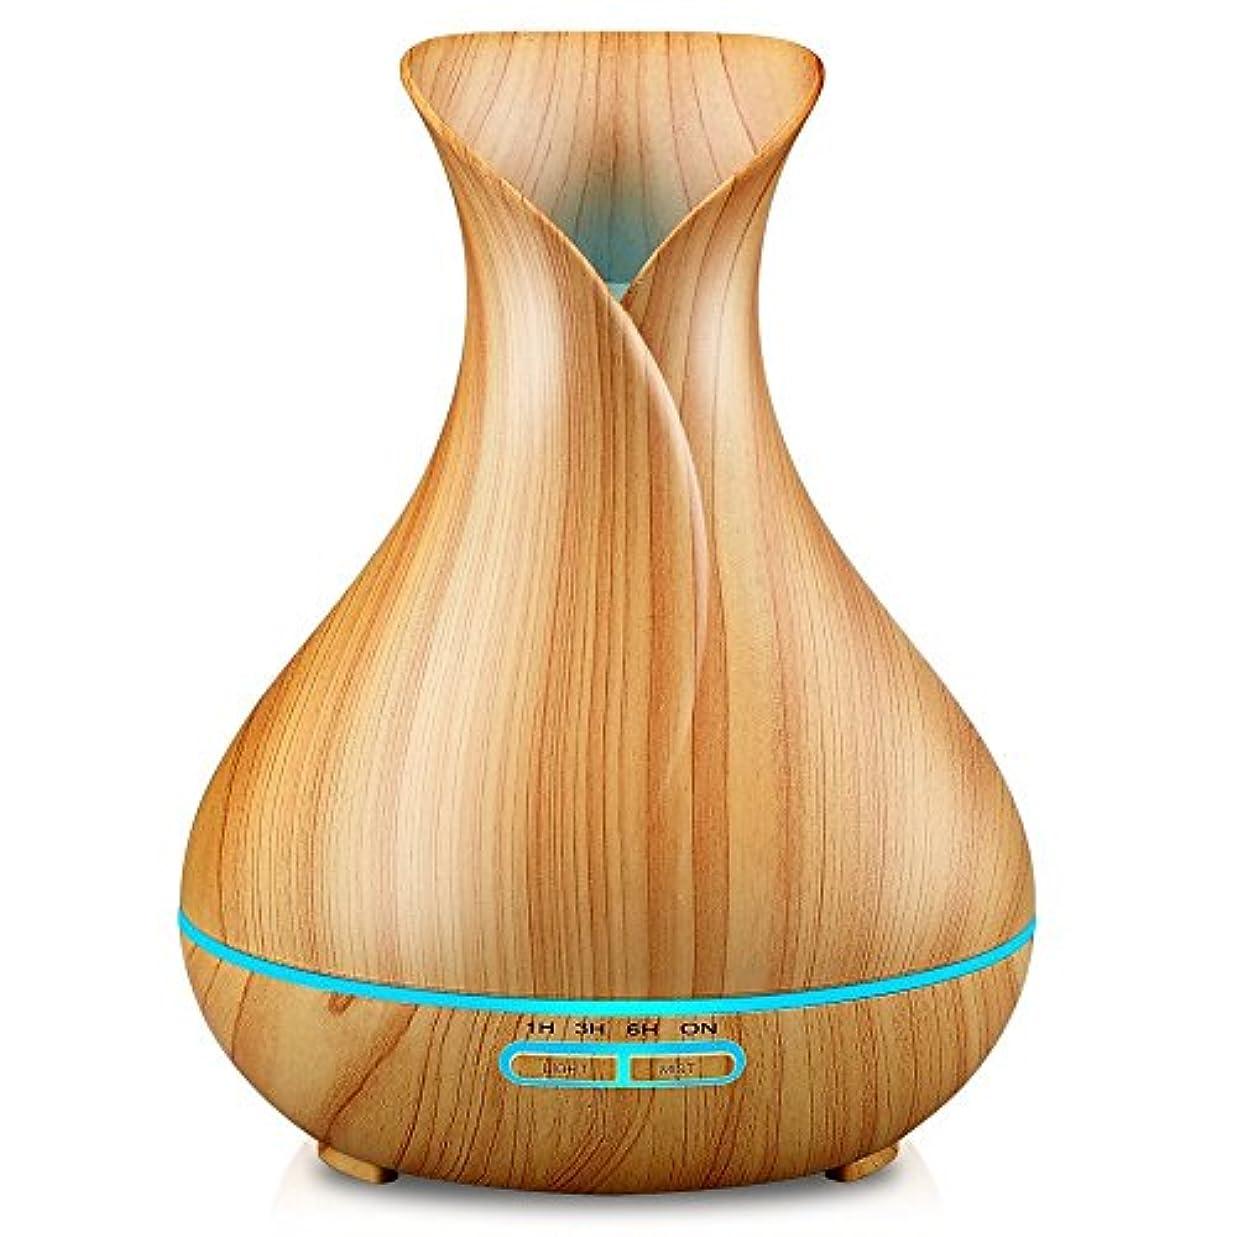 国民サワー郊外URPOWER Essential Oil Diffuser スプレッド, 400ml Wood Grain Cool Mist Humidifiers 加湿器 Ultrasonic Aromatherapy Diffusers...